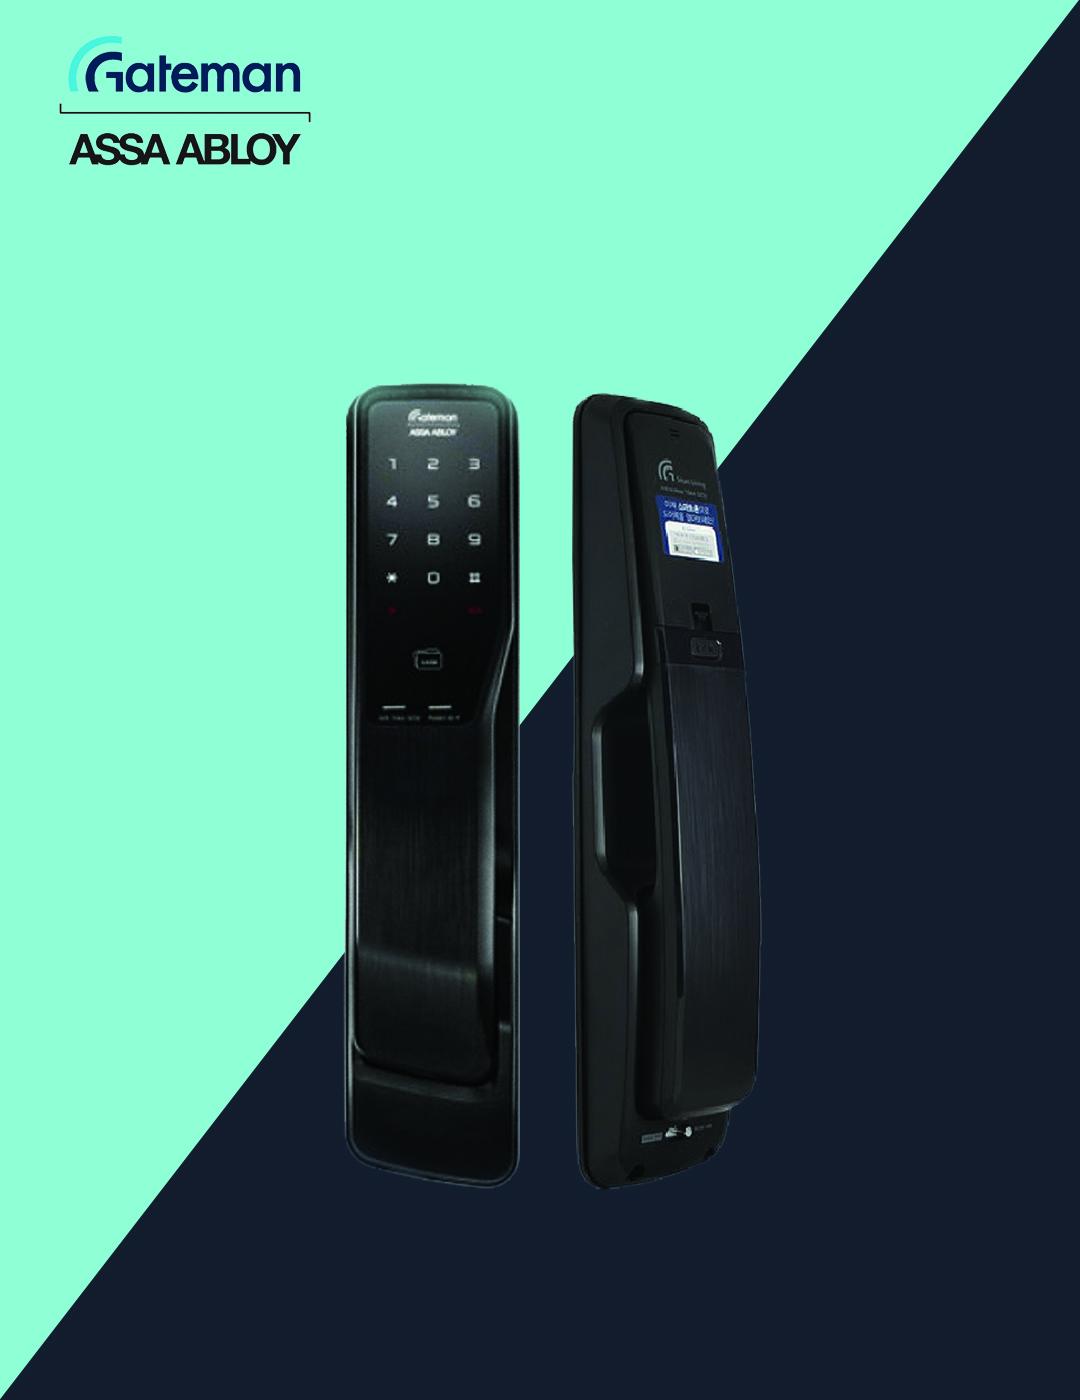 قفل دیجیتال گیت من مدل WB200